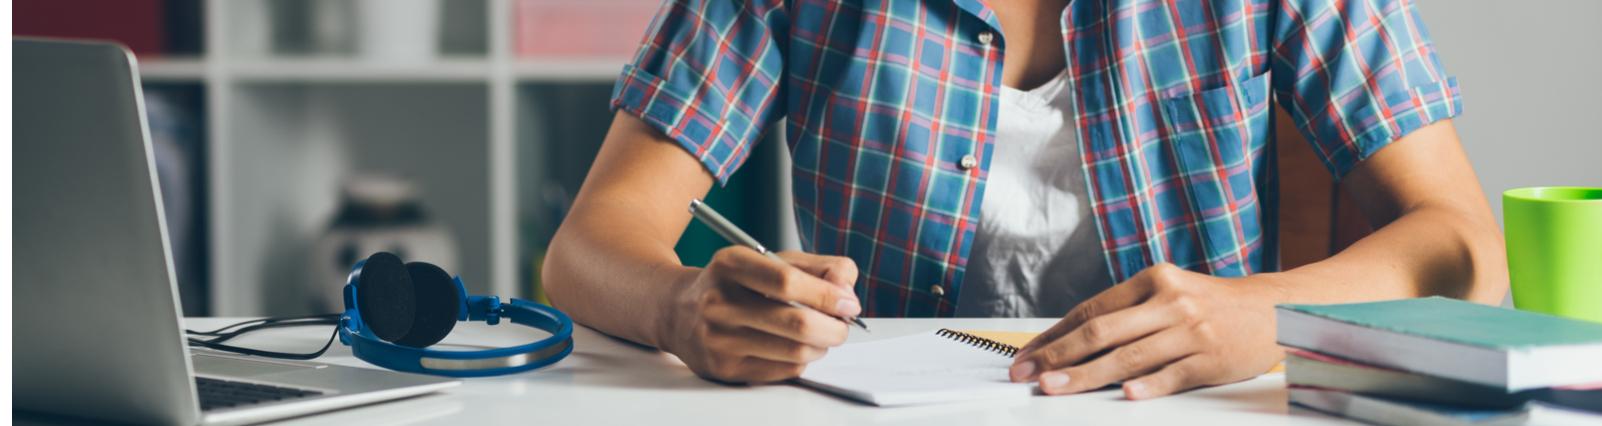 Como aumentar a produtividade nos estudos?